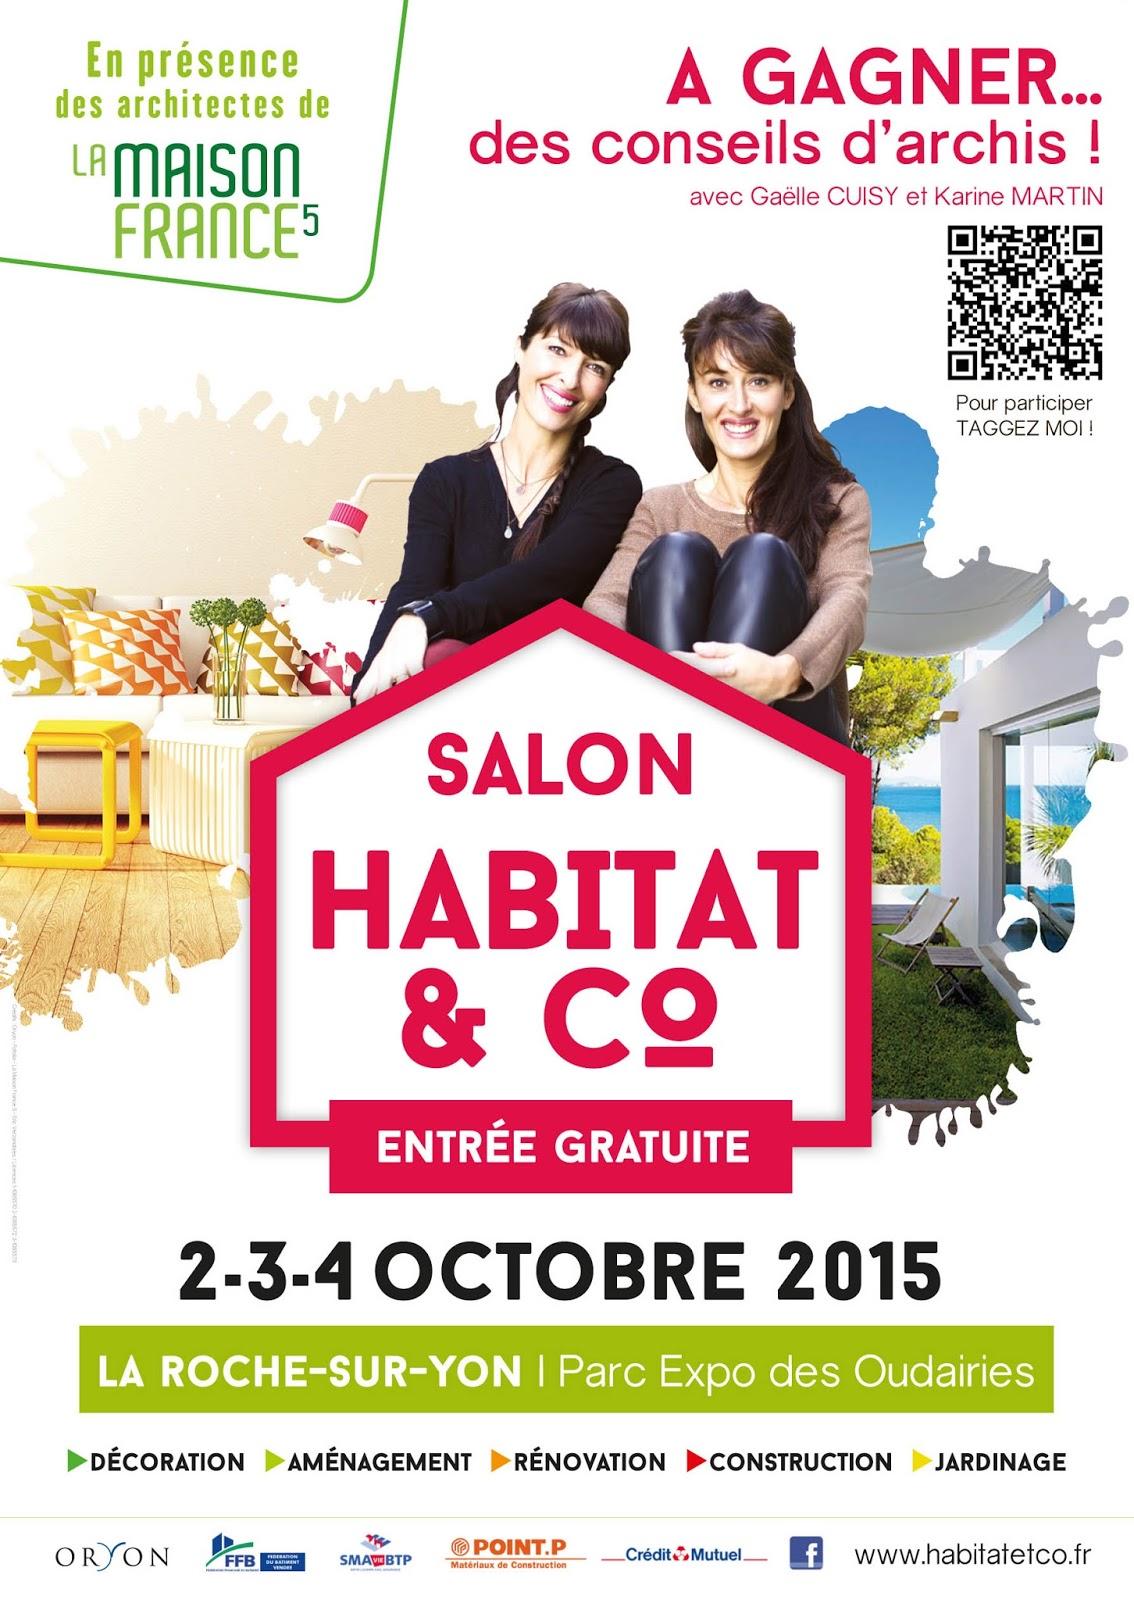 Maison satov salon habitat co la roche sur yon - Entree gratuite salon agriculture 2015 ...